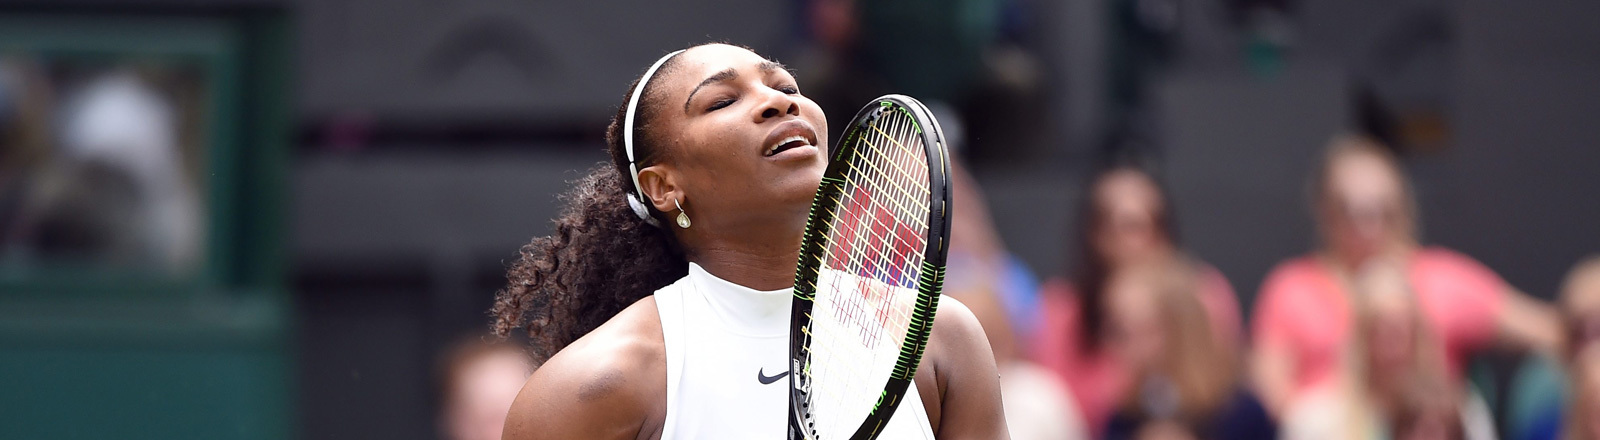 Serena Williams beim Wimbledon-Turnier mit Tennissschläger in der Hand und frustrierter Miene.